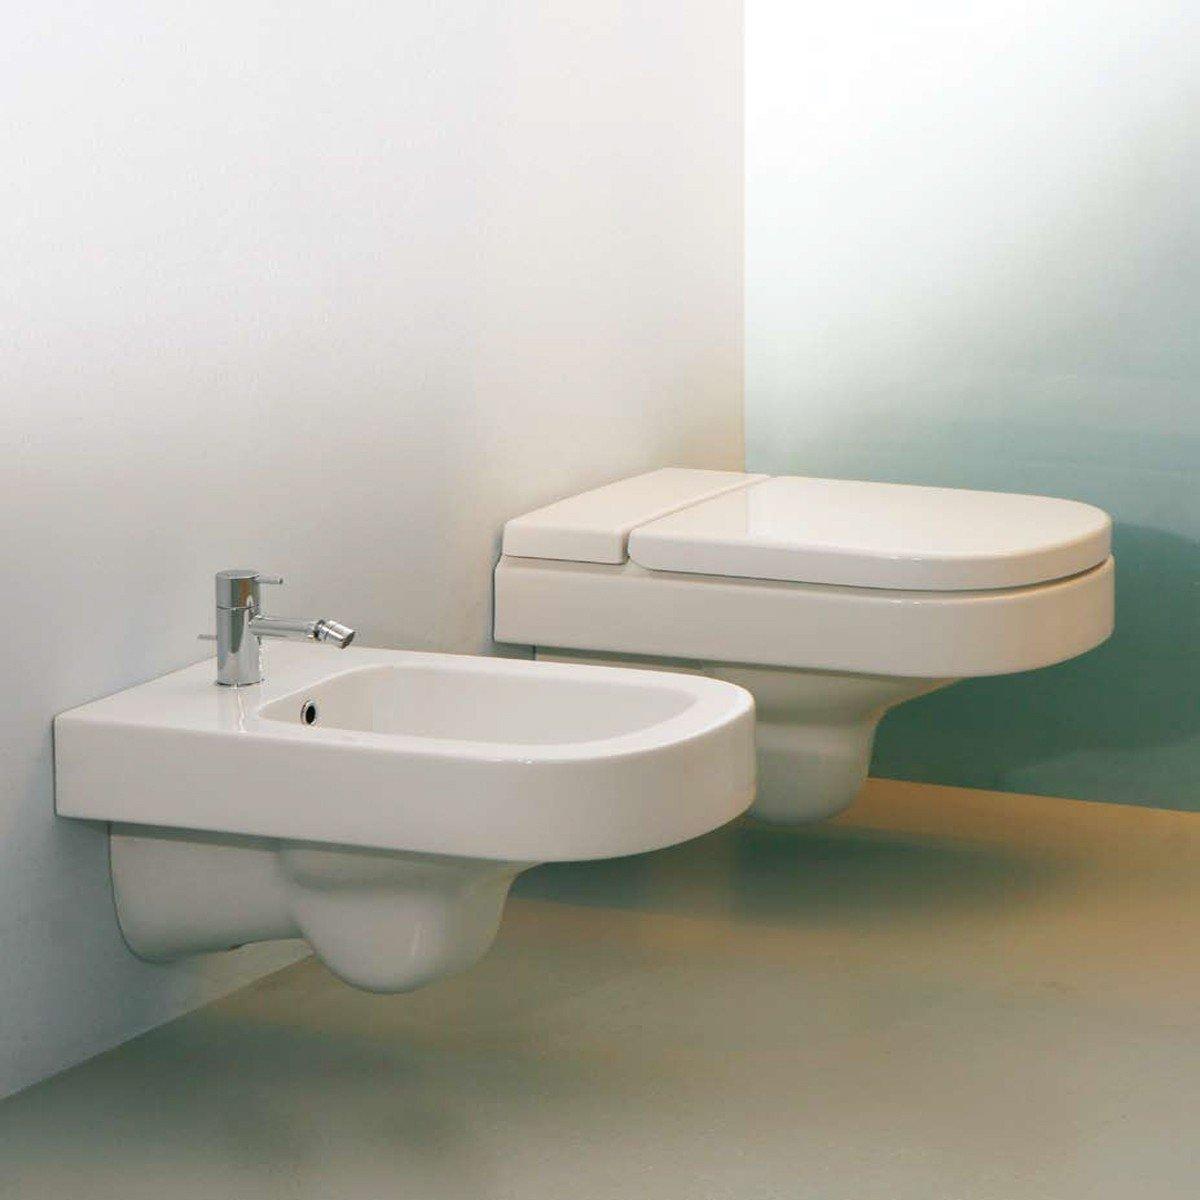 Rapsel soluzioni di arredo bagno contemporaneo molto estrose designandmore arredare casa - Arredo bagno contemporaneo ...